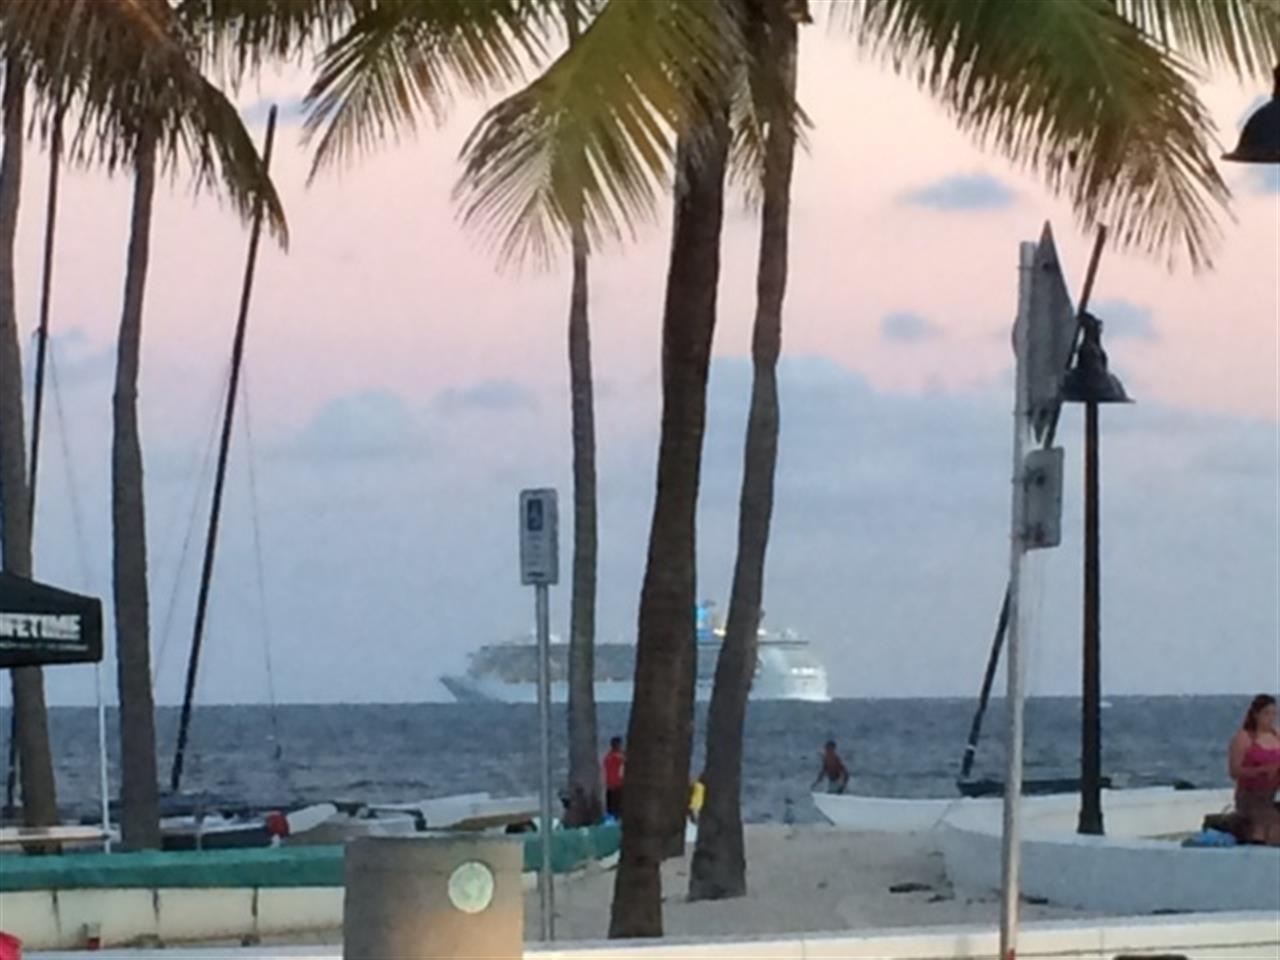 Fort Lauderdale Beach by Las Olas